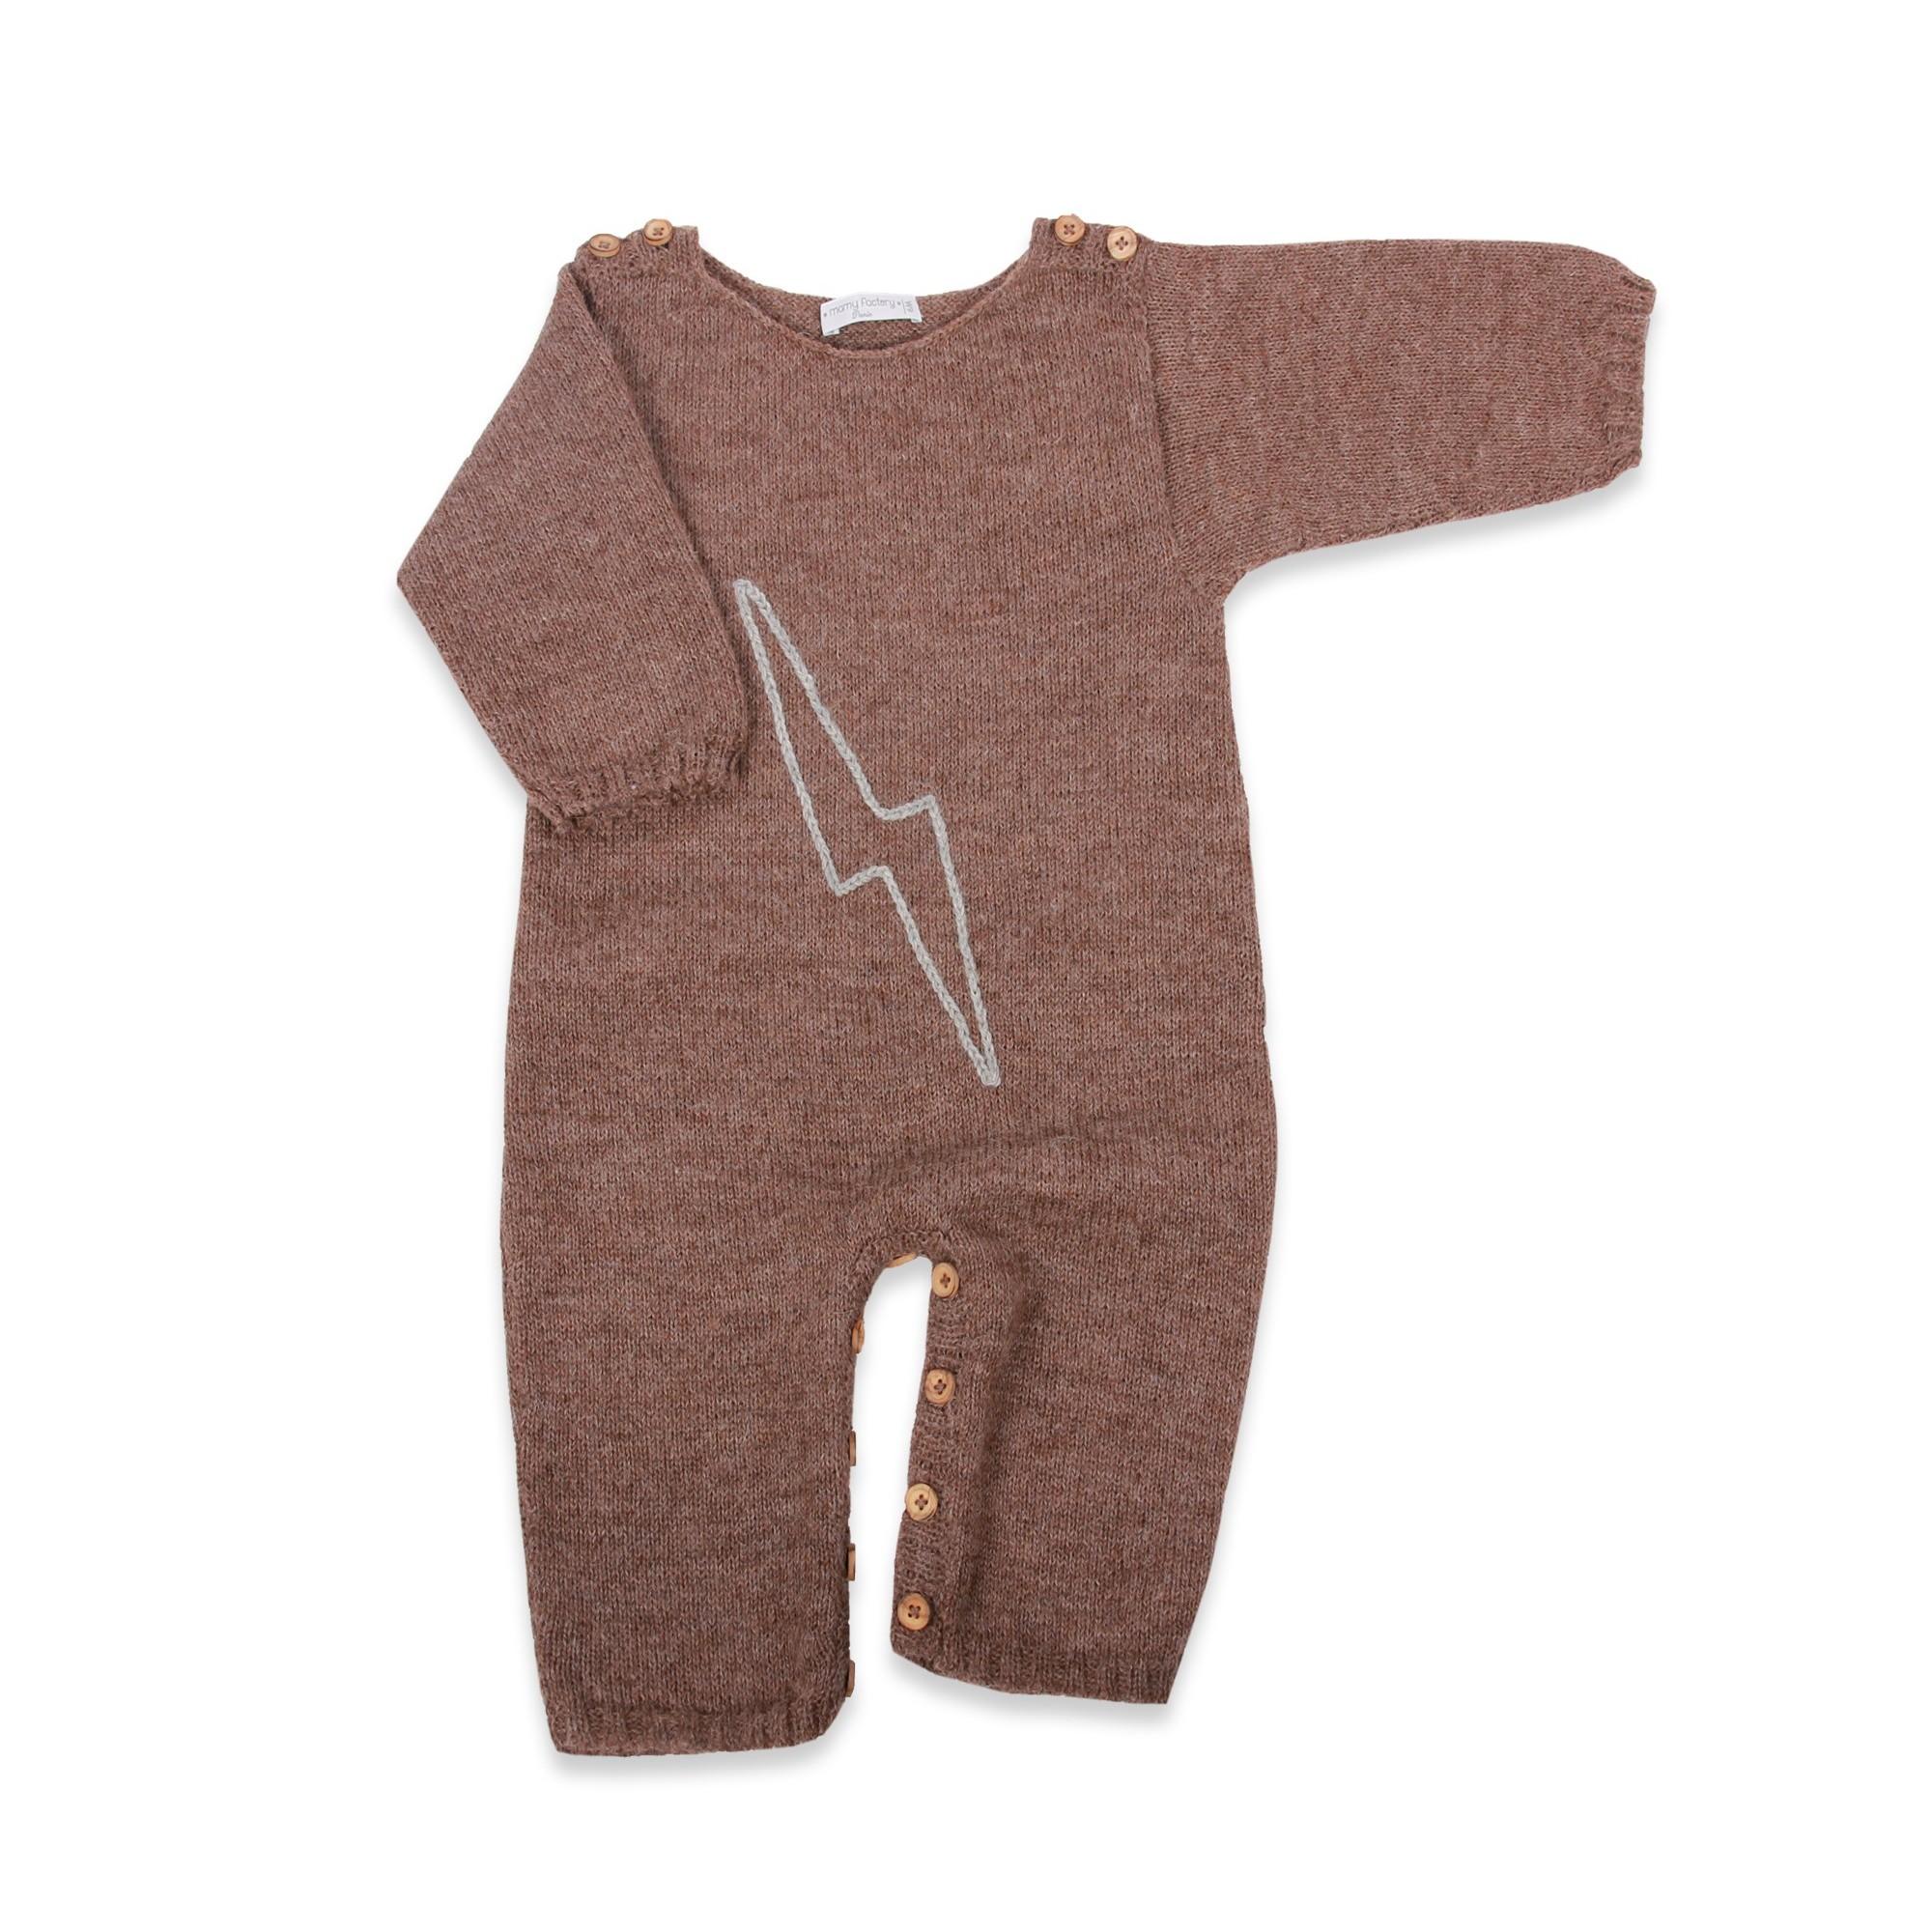 les tricots de mamy combinaison barbotteuse b b marron 100 laine d 39 alpaga tricot doux et. Black Bedroom Furniture Sets. Home Design Ideas